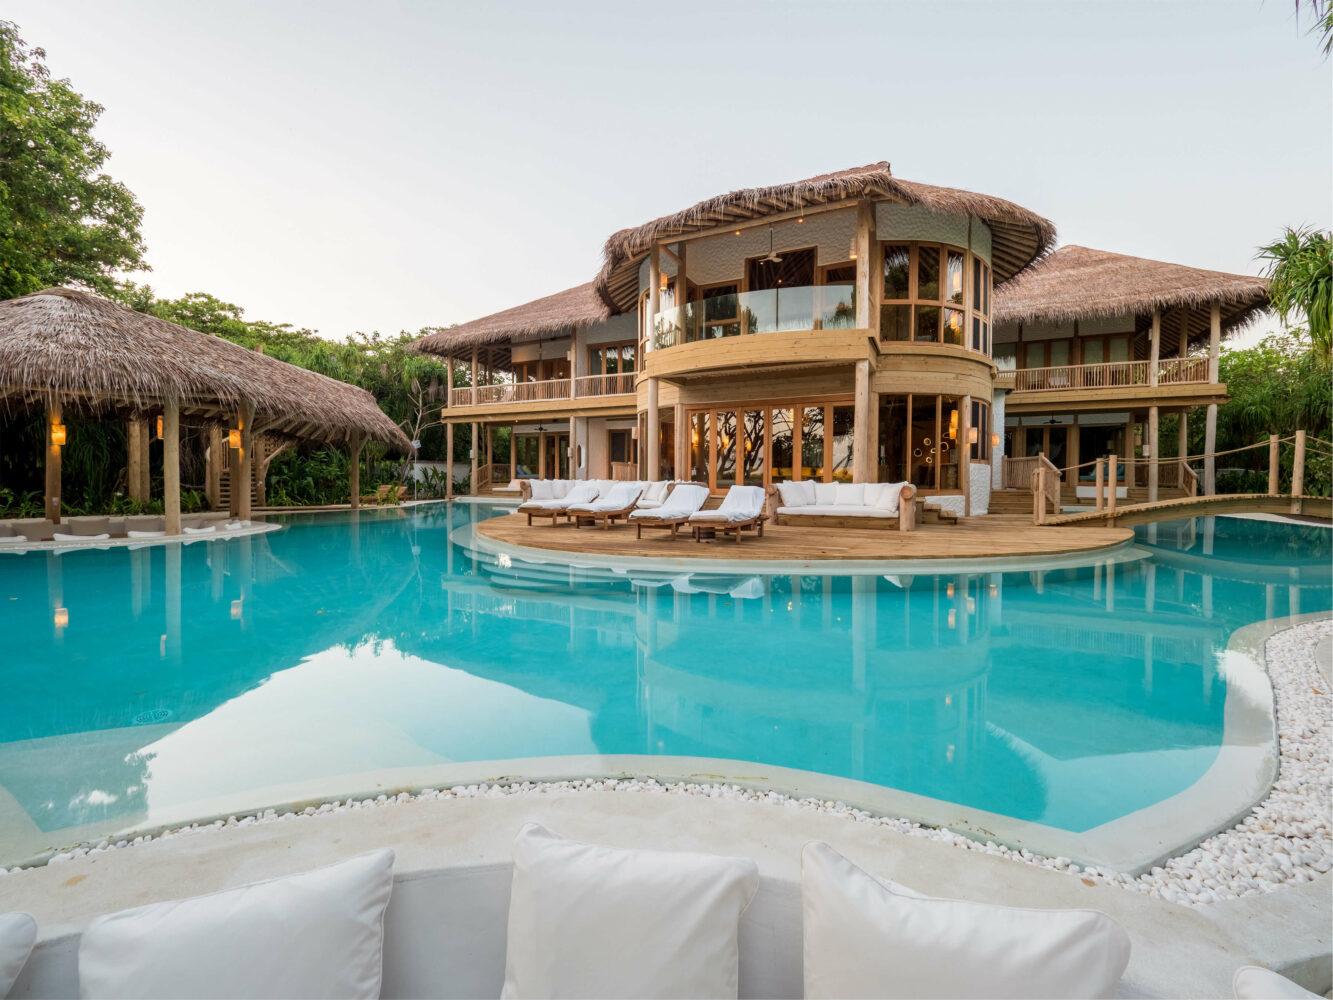 5 bedroom villa with pool-soneva fushi maldives